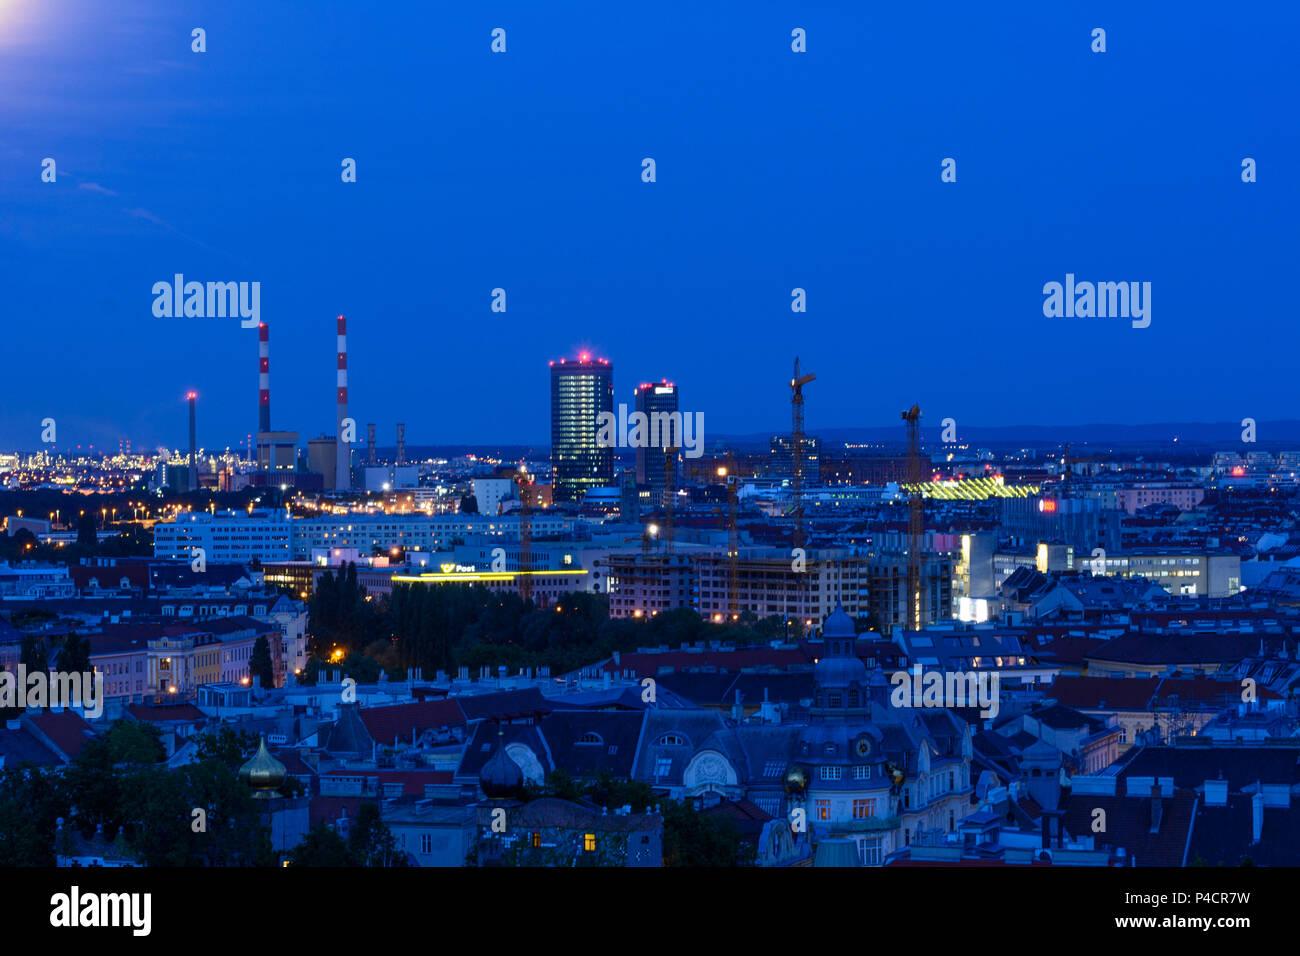 Vienna, Simmering power station, Wiener Stadtwerke headquarters, (Vienna municipal utilities), Orbi Tower, 11. Simmering, Wien, Austria - Stock Image